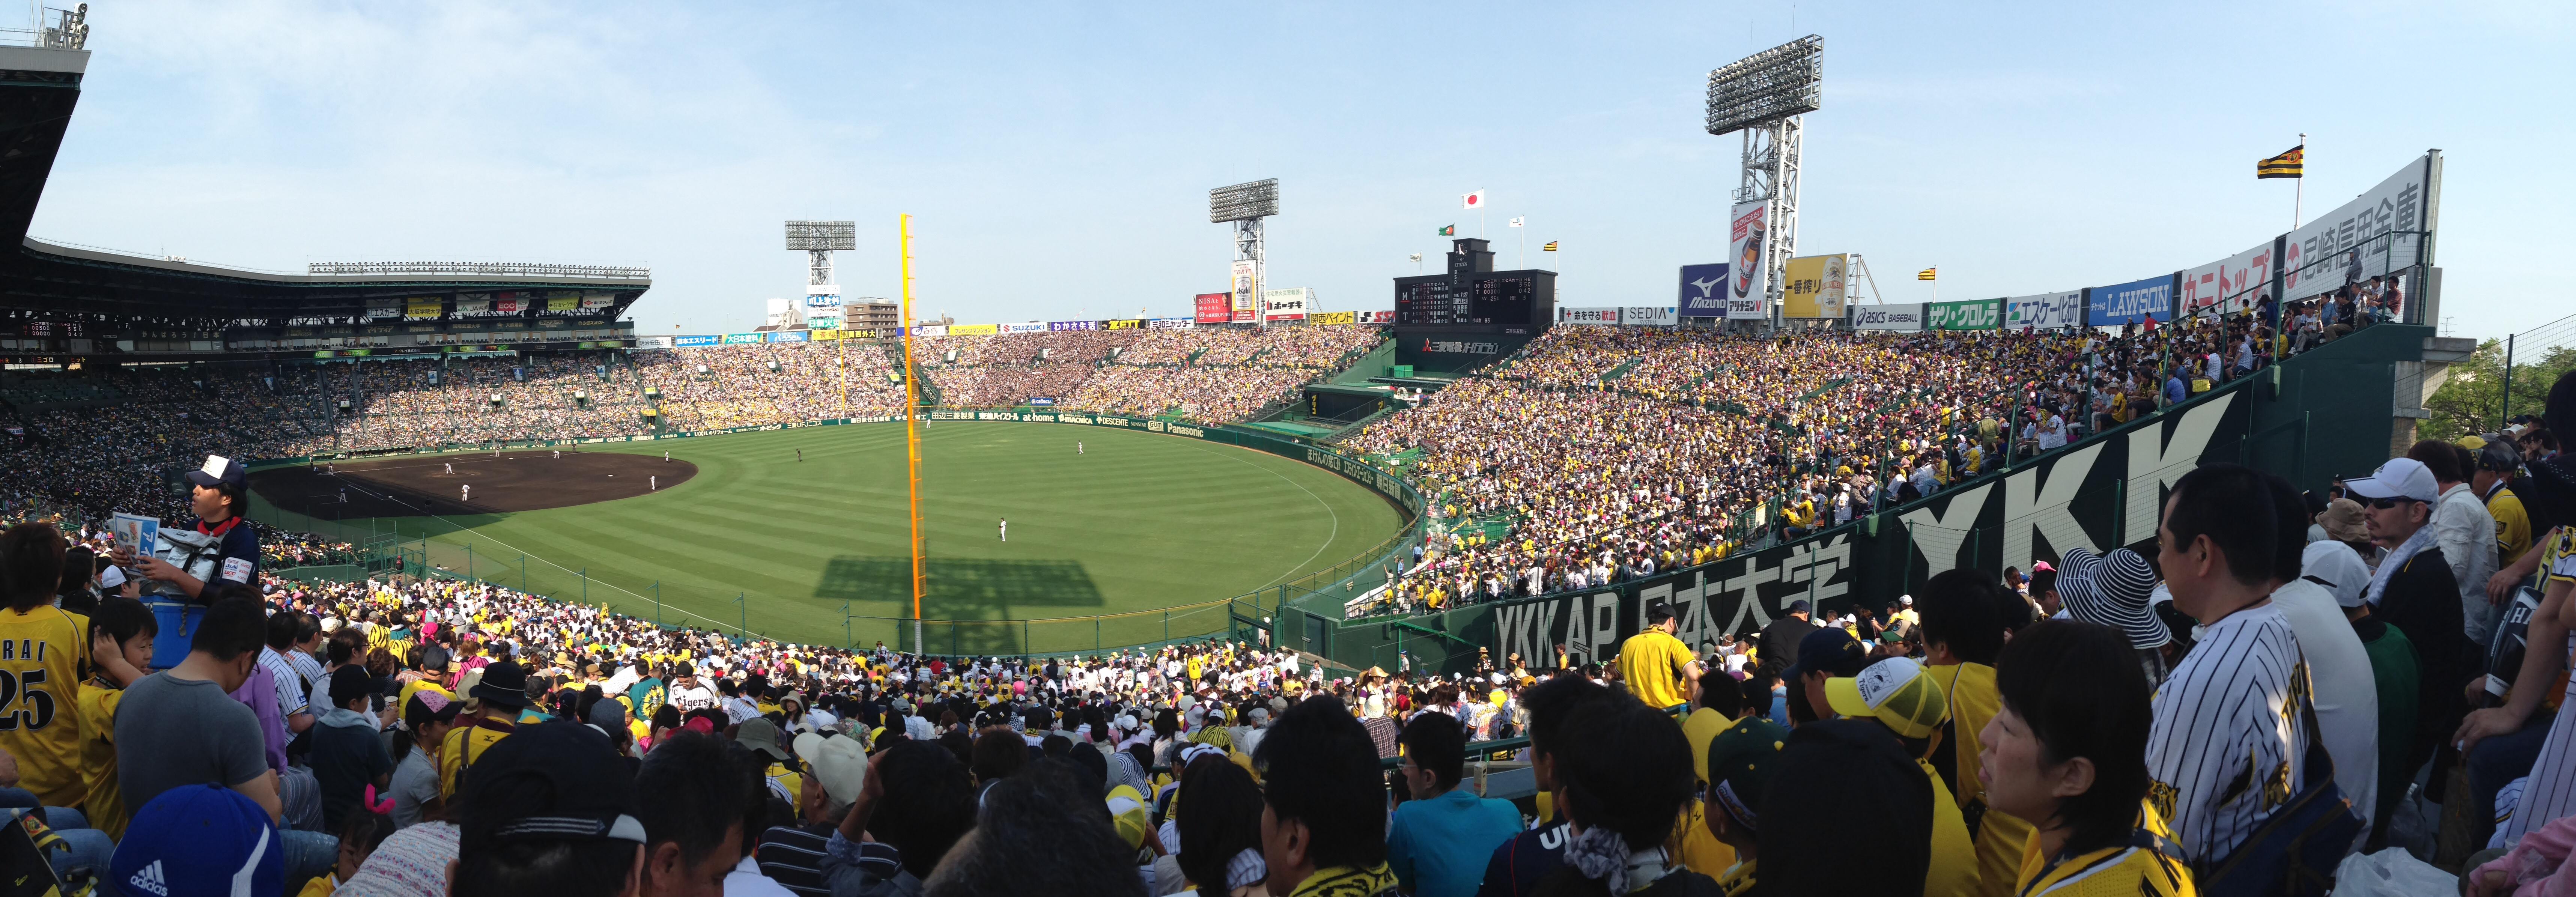 阪神甲子園球場-一塁アルプス上段より_2014-05-31_17-42